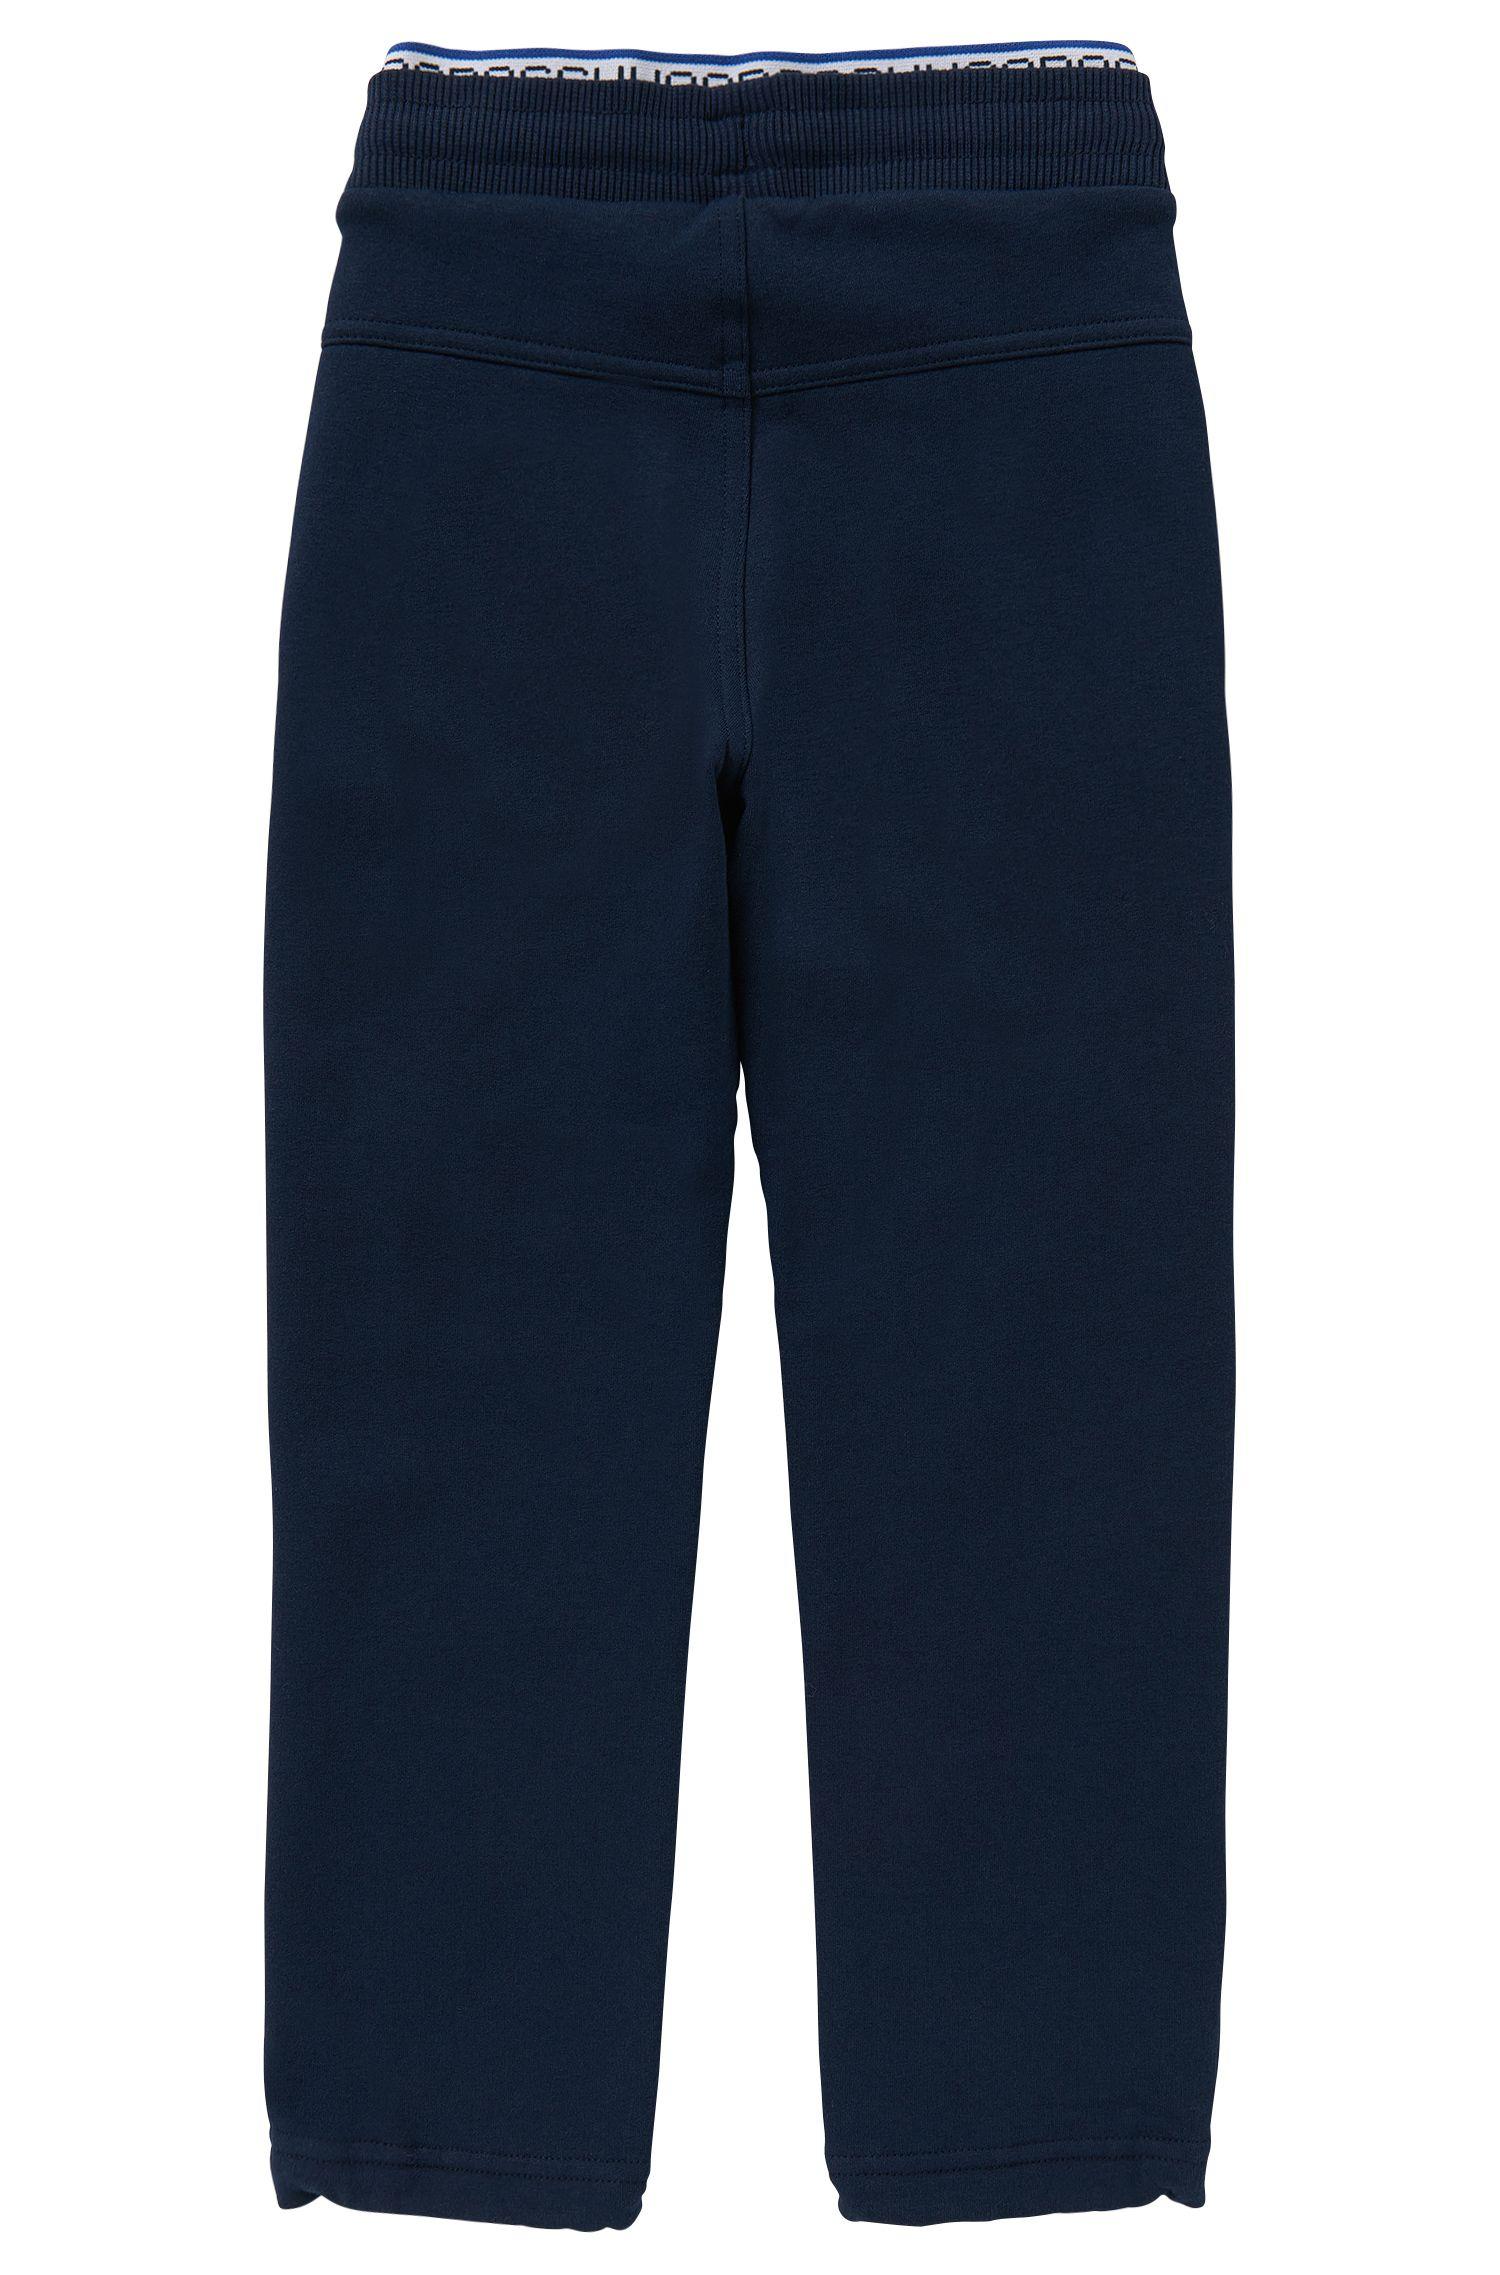 Pantalon de jogging en coton mélangé: «J24370»